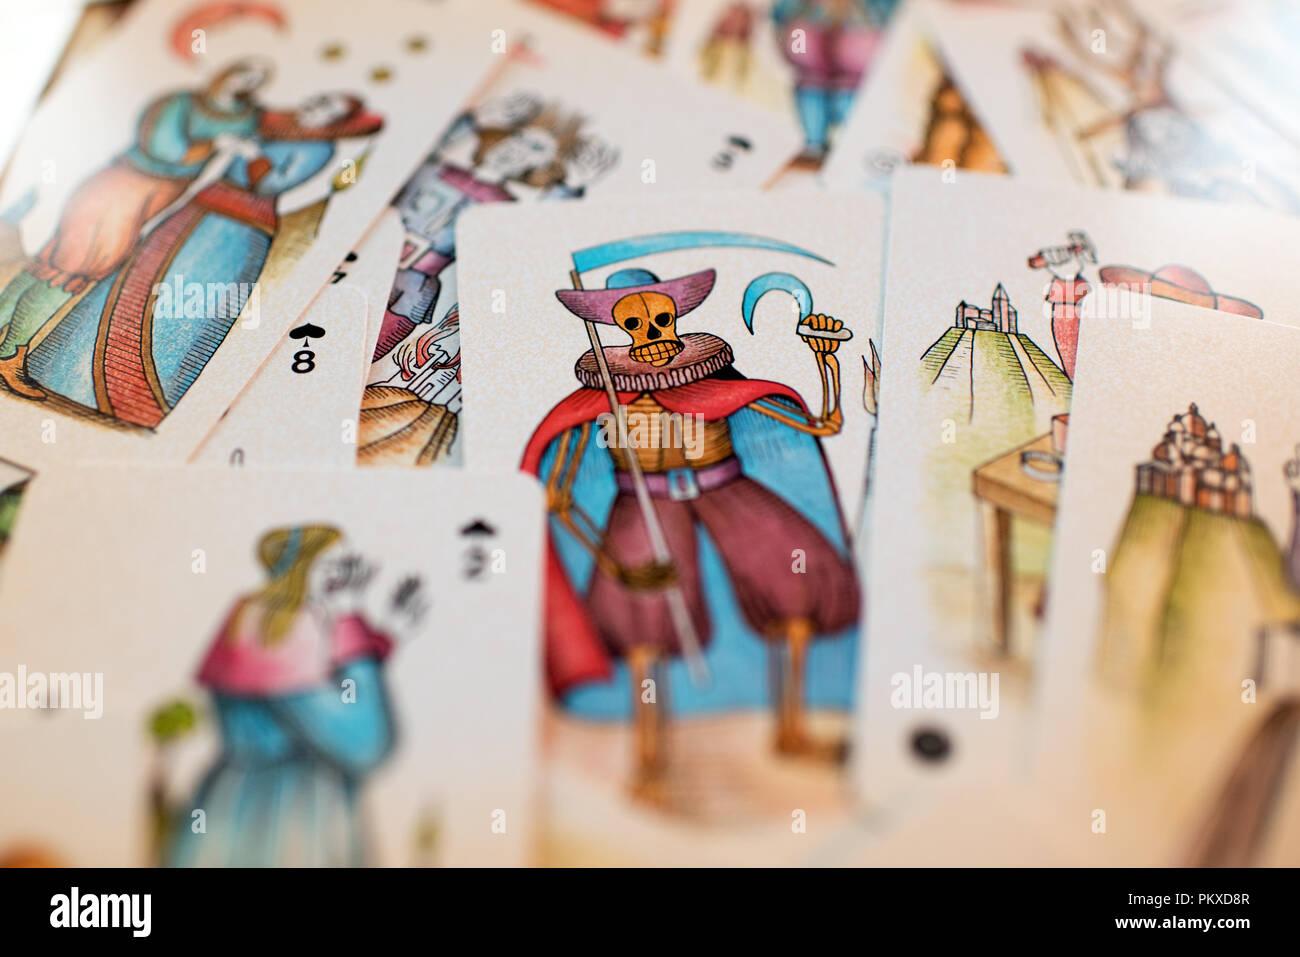 Hintergrund der zerstreuten tarot Karten mit Fokus auf die bildliche Card der Sensenmann symbolisch für den Tod in der Mitte in einem Full Frame anzeigen Stockbild